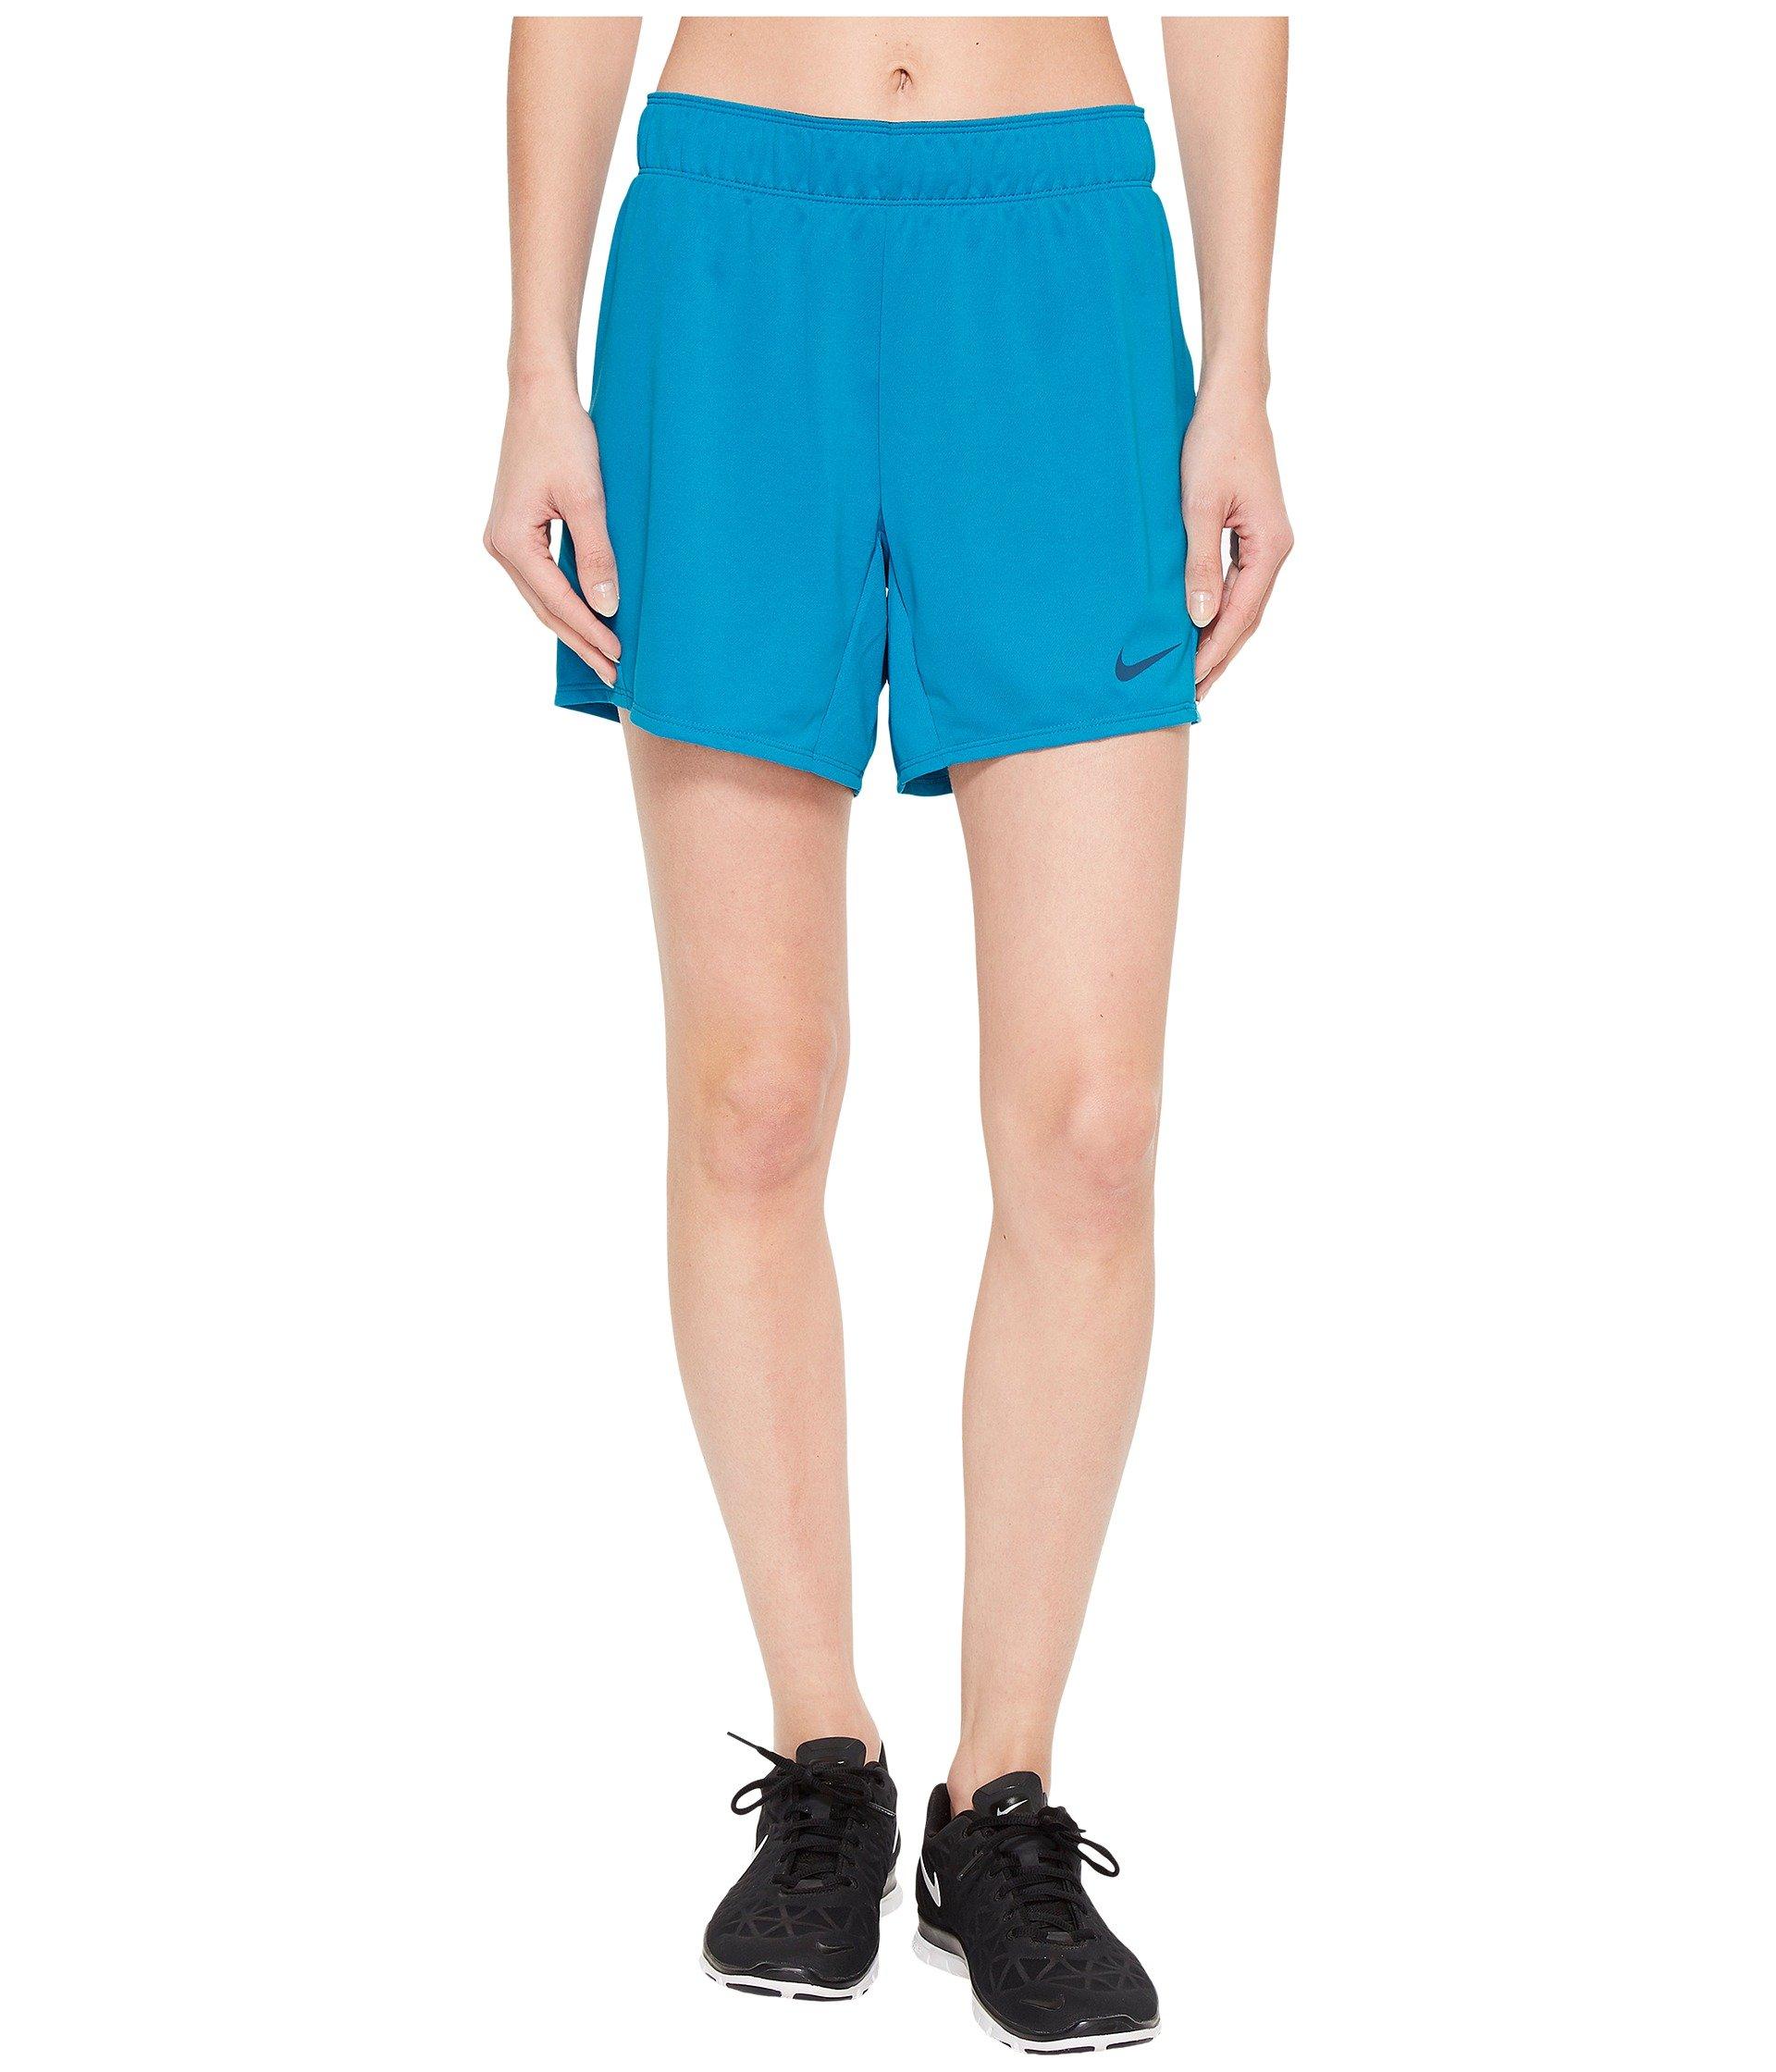 Nike Attack Training Shorts Womens (Medium 5.5, Neo Turquoise/Blue Force)